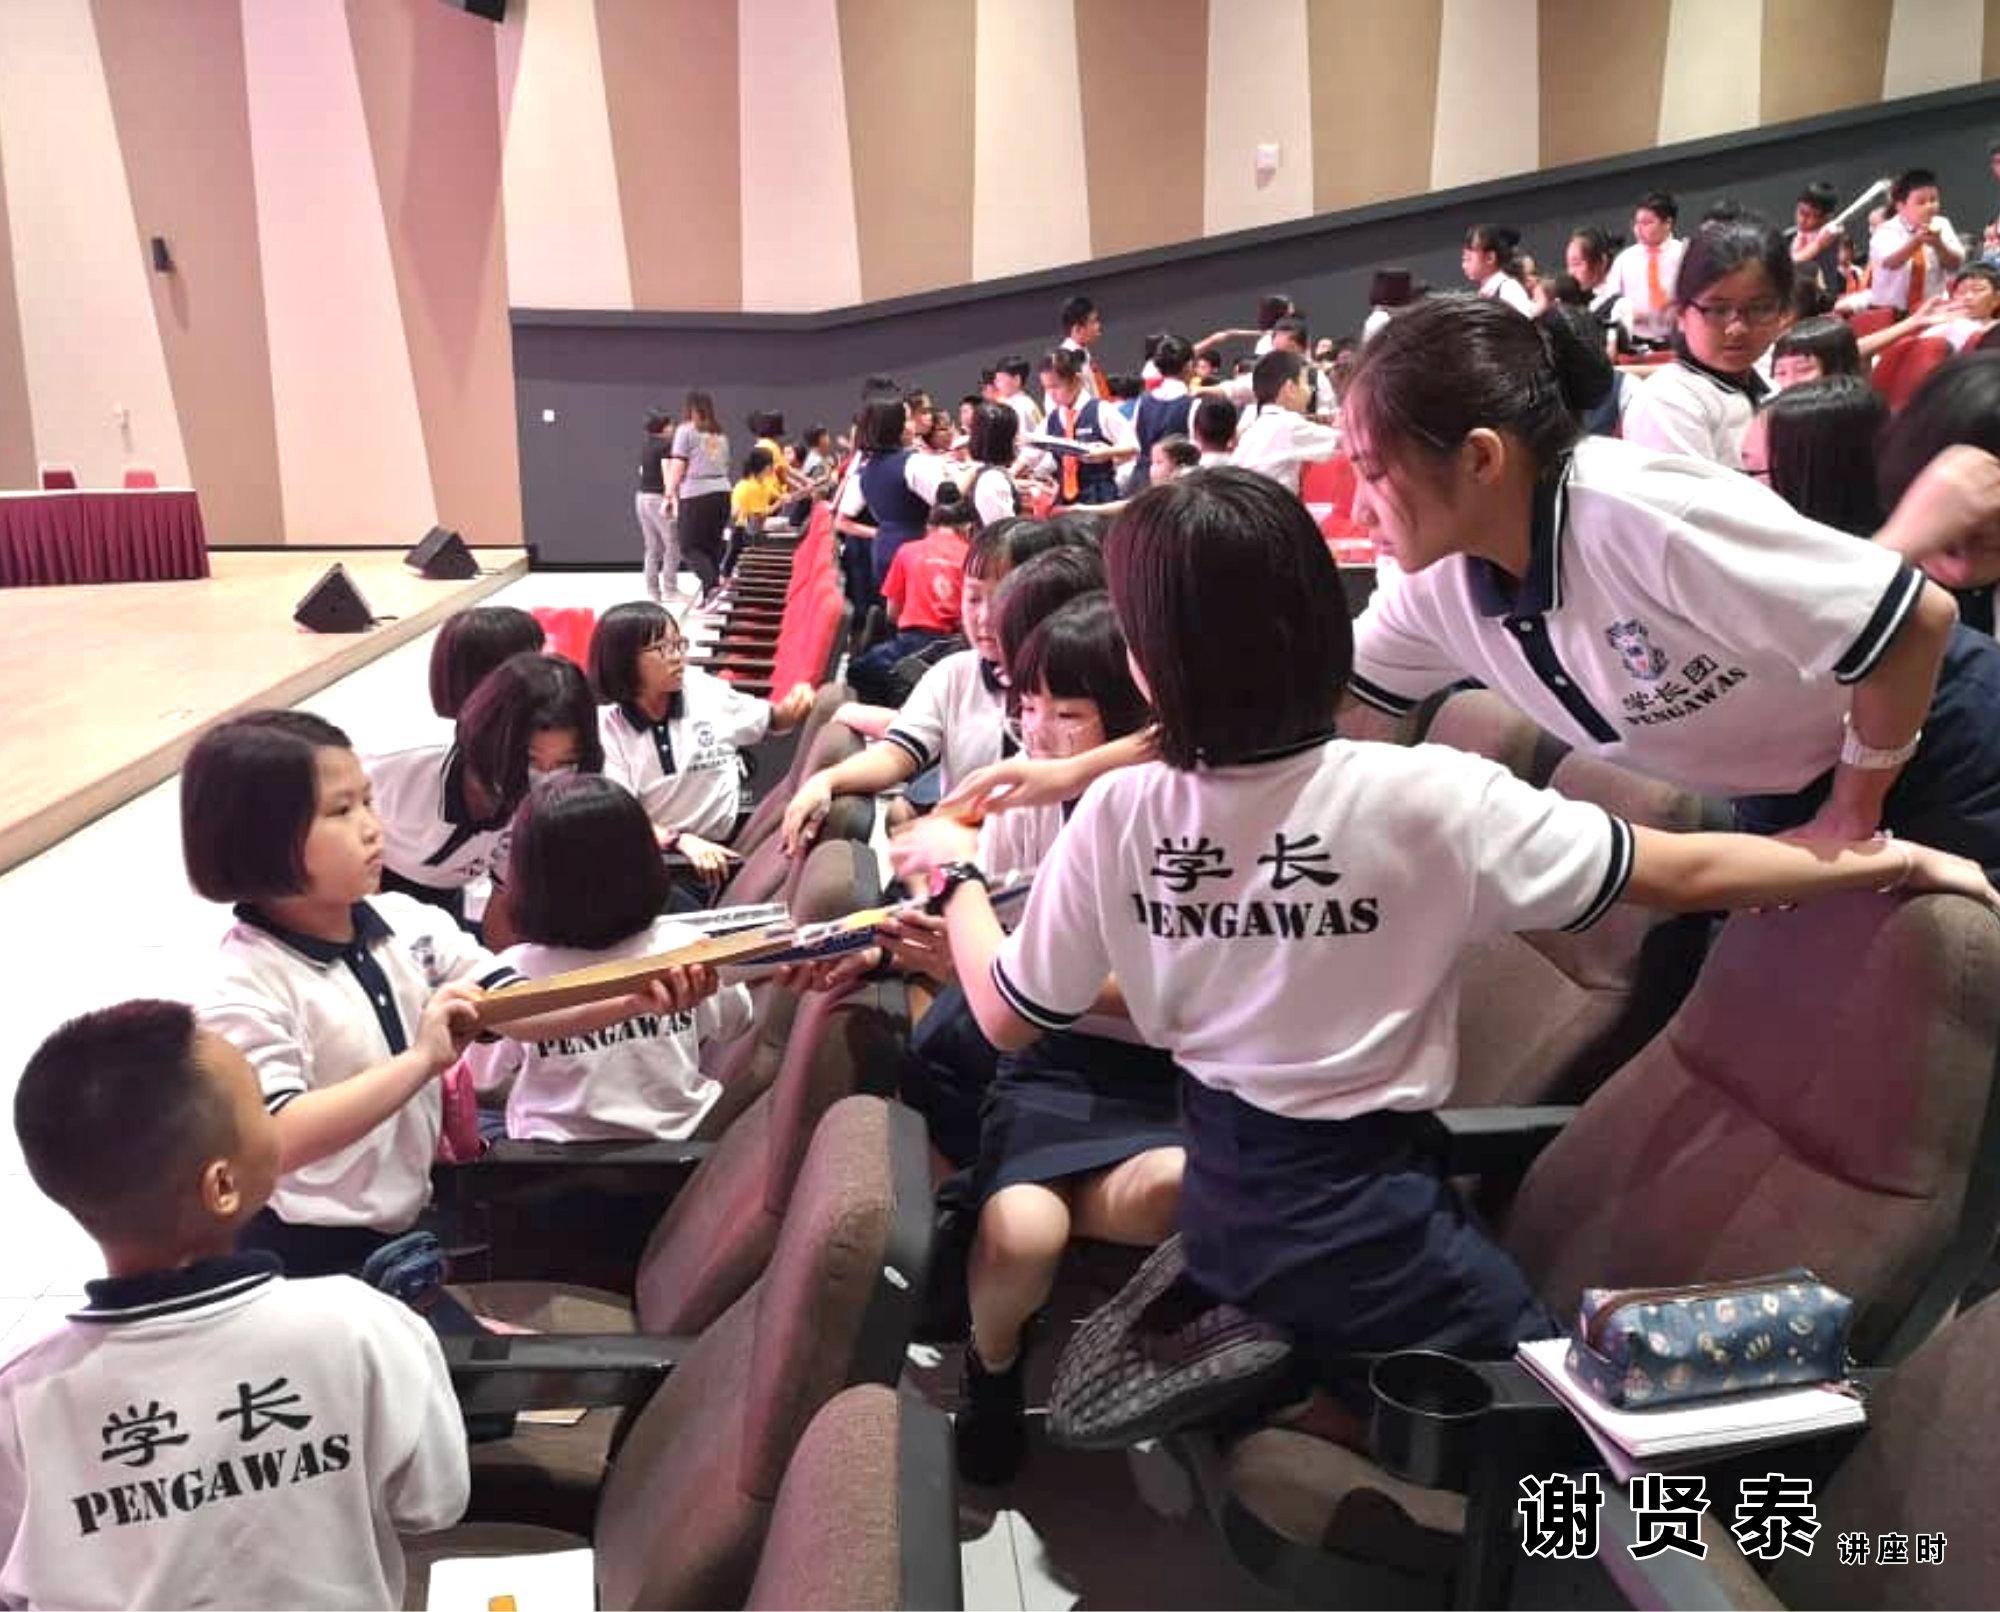 谢贤泰 新山宽柔一小 成为团队领袖 Be A Team Leader 2020小领袖培训营 麻坡小学领袖培训 新山小学培训 A031